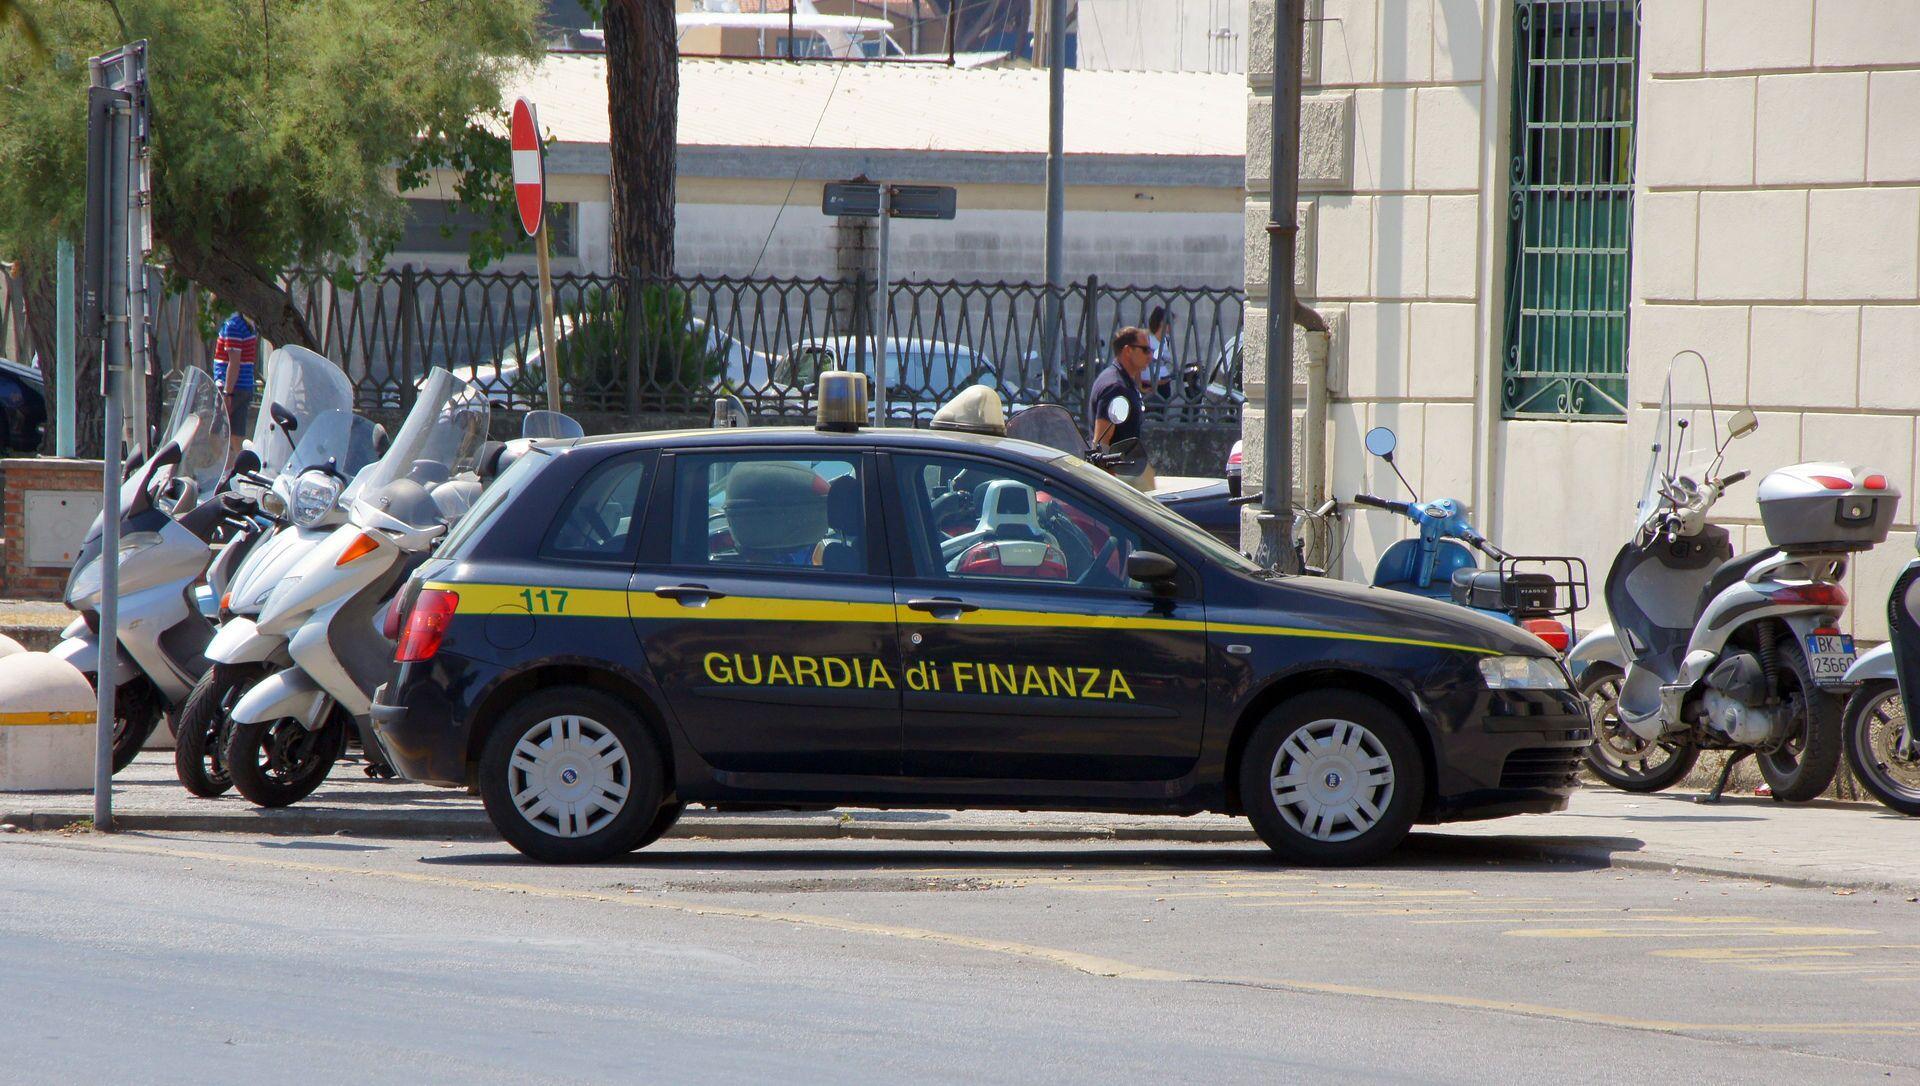 Autoveicolo della Guardia di Finanza - Sputnik Italia, 1920, 07.04.2021